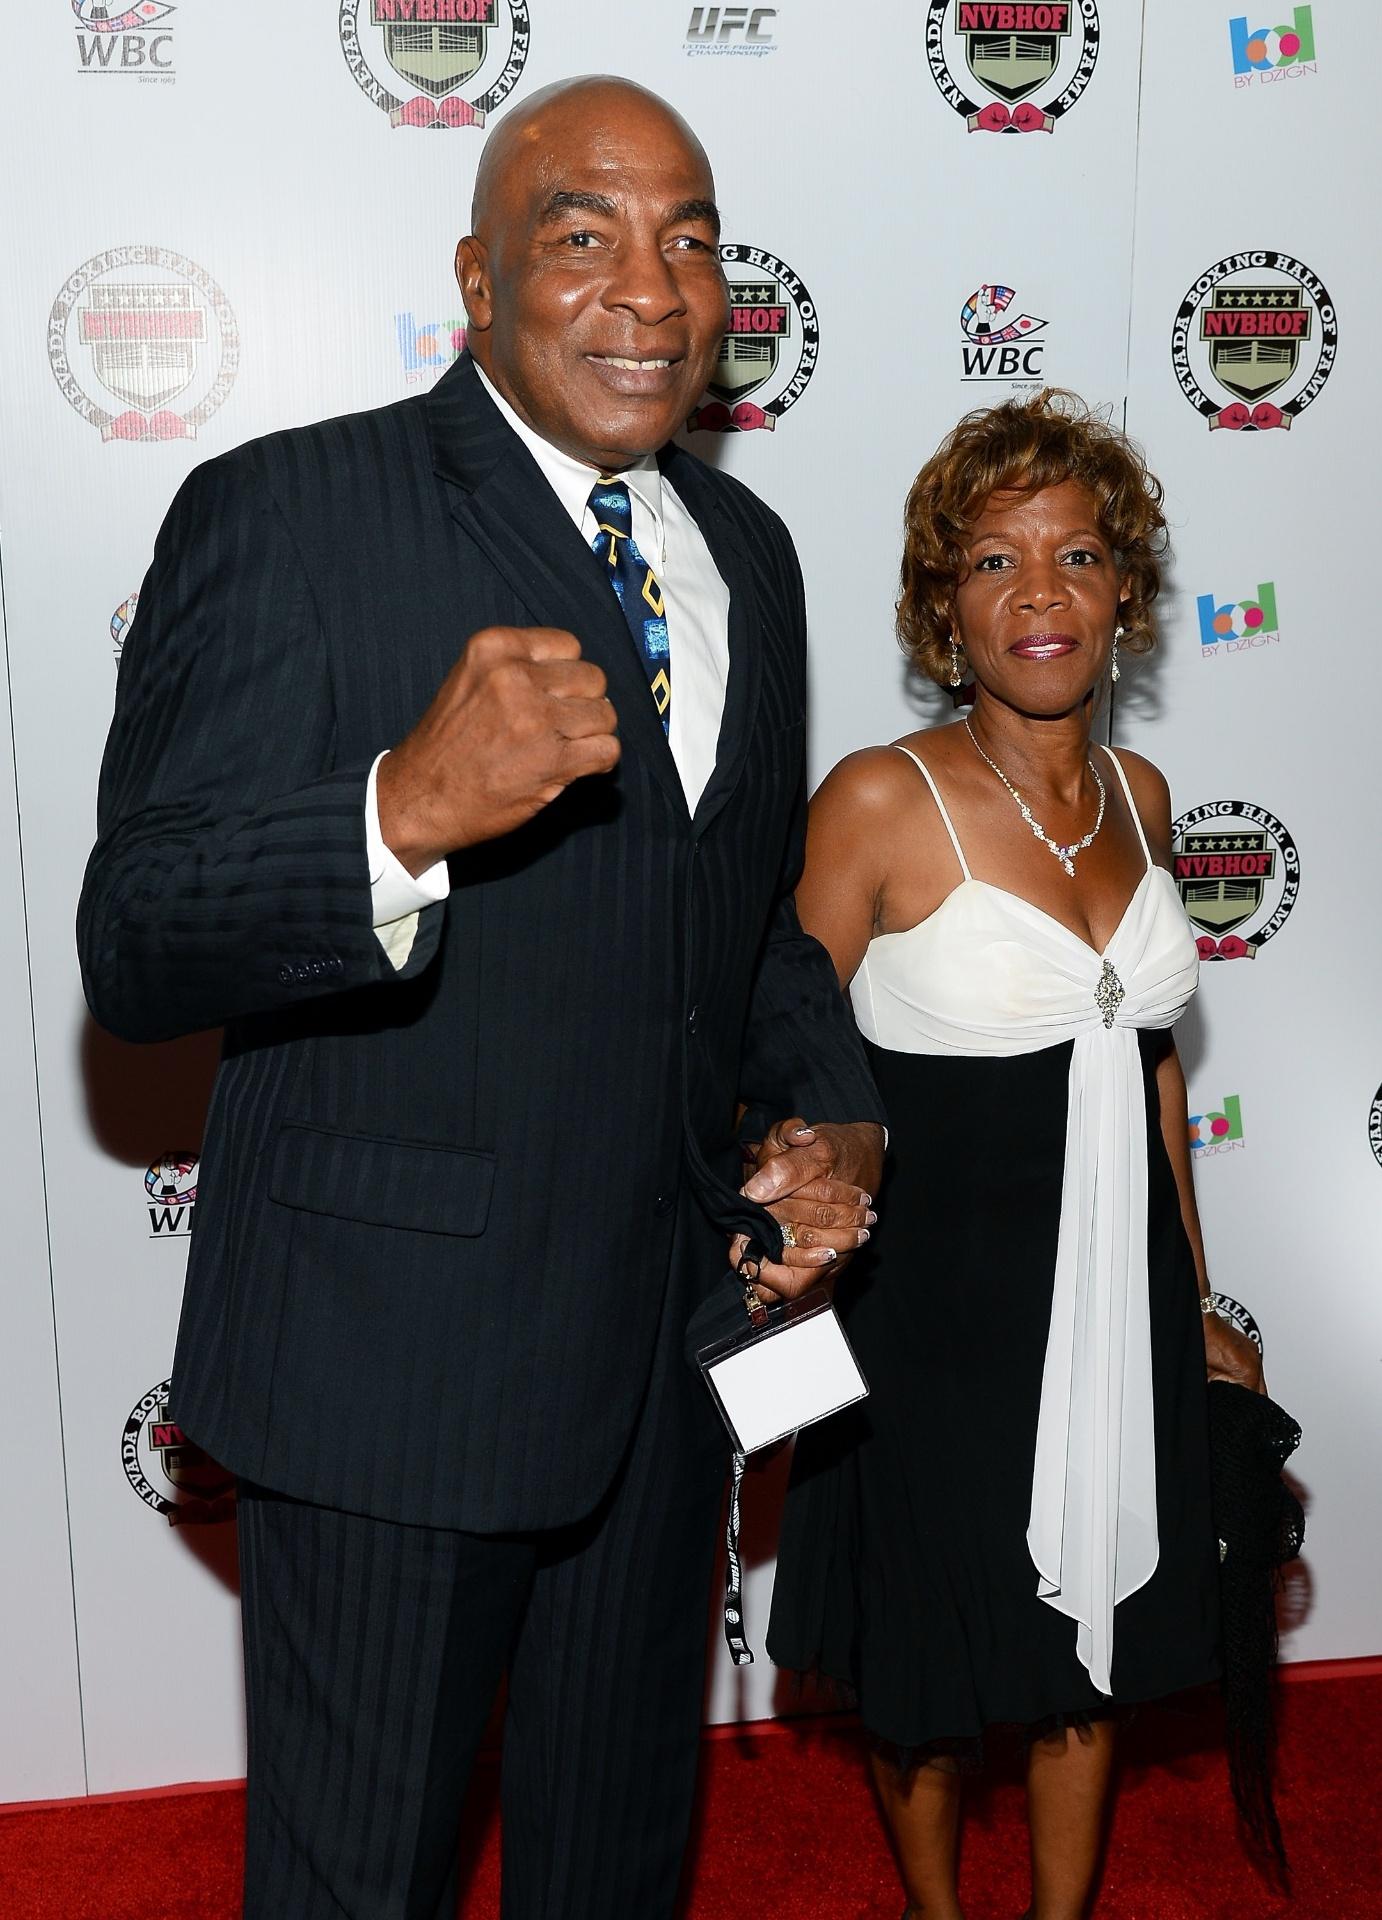 Earnie Shavers, ex-boxeador, chega para evento em Las Vegas com a noiva Marsha Josey, em 2013